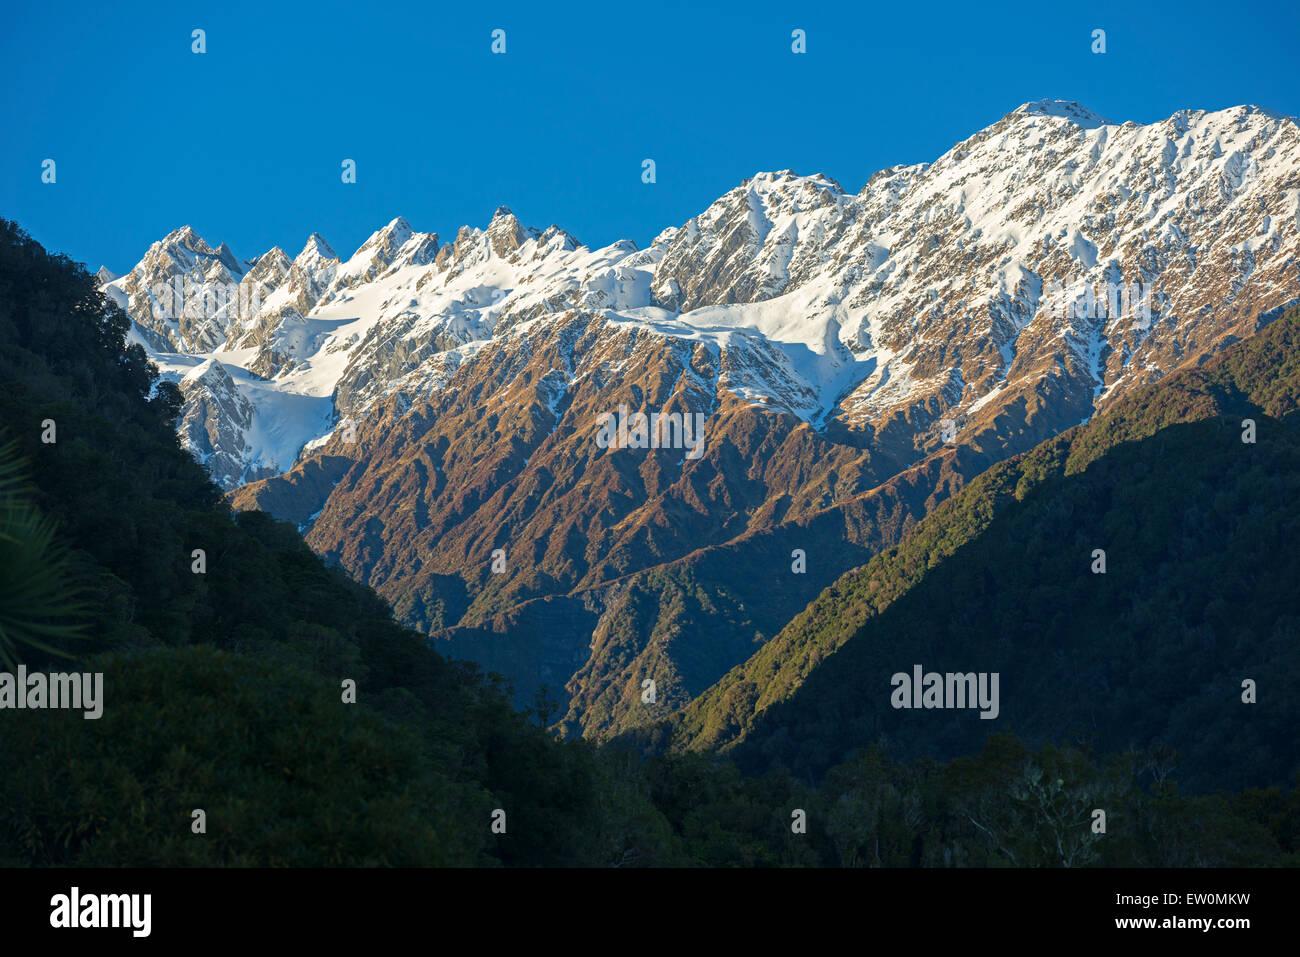 La gamma della montagna, Franz Joseph Glacier, Mt Cook National Park, Isola del Sud, Nuova Zelanda Immagini Stock